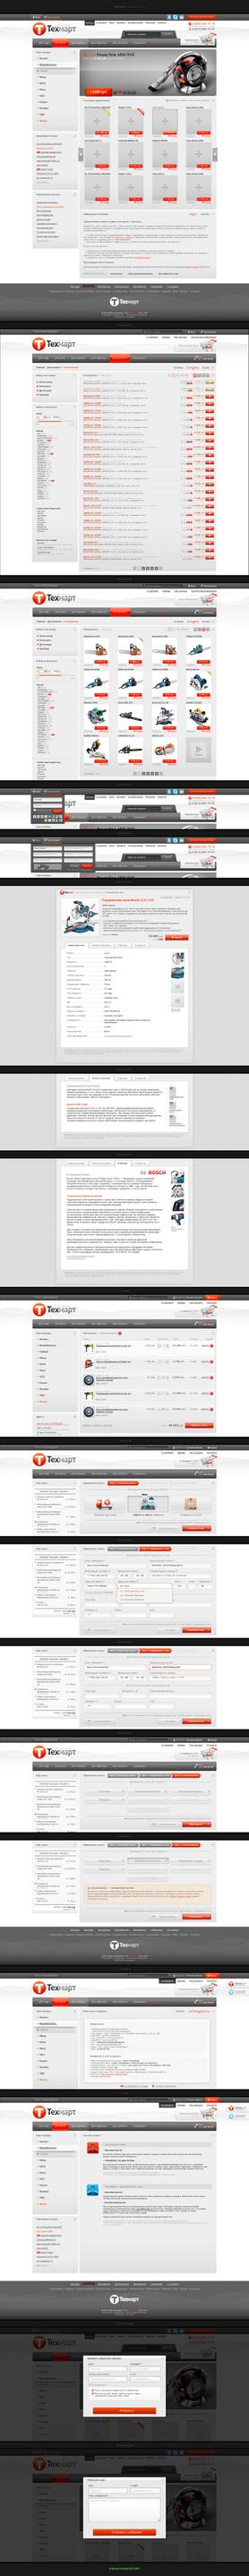 Tehmart.net UI by ahillesus